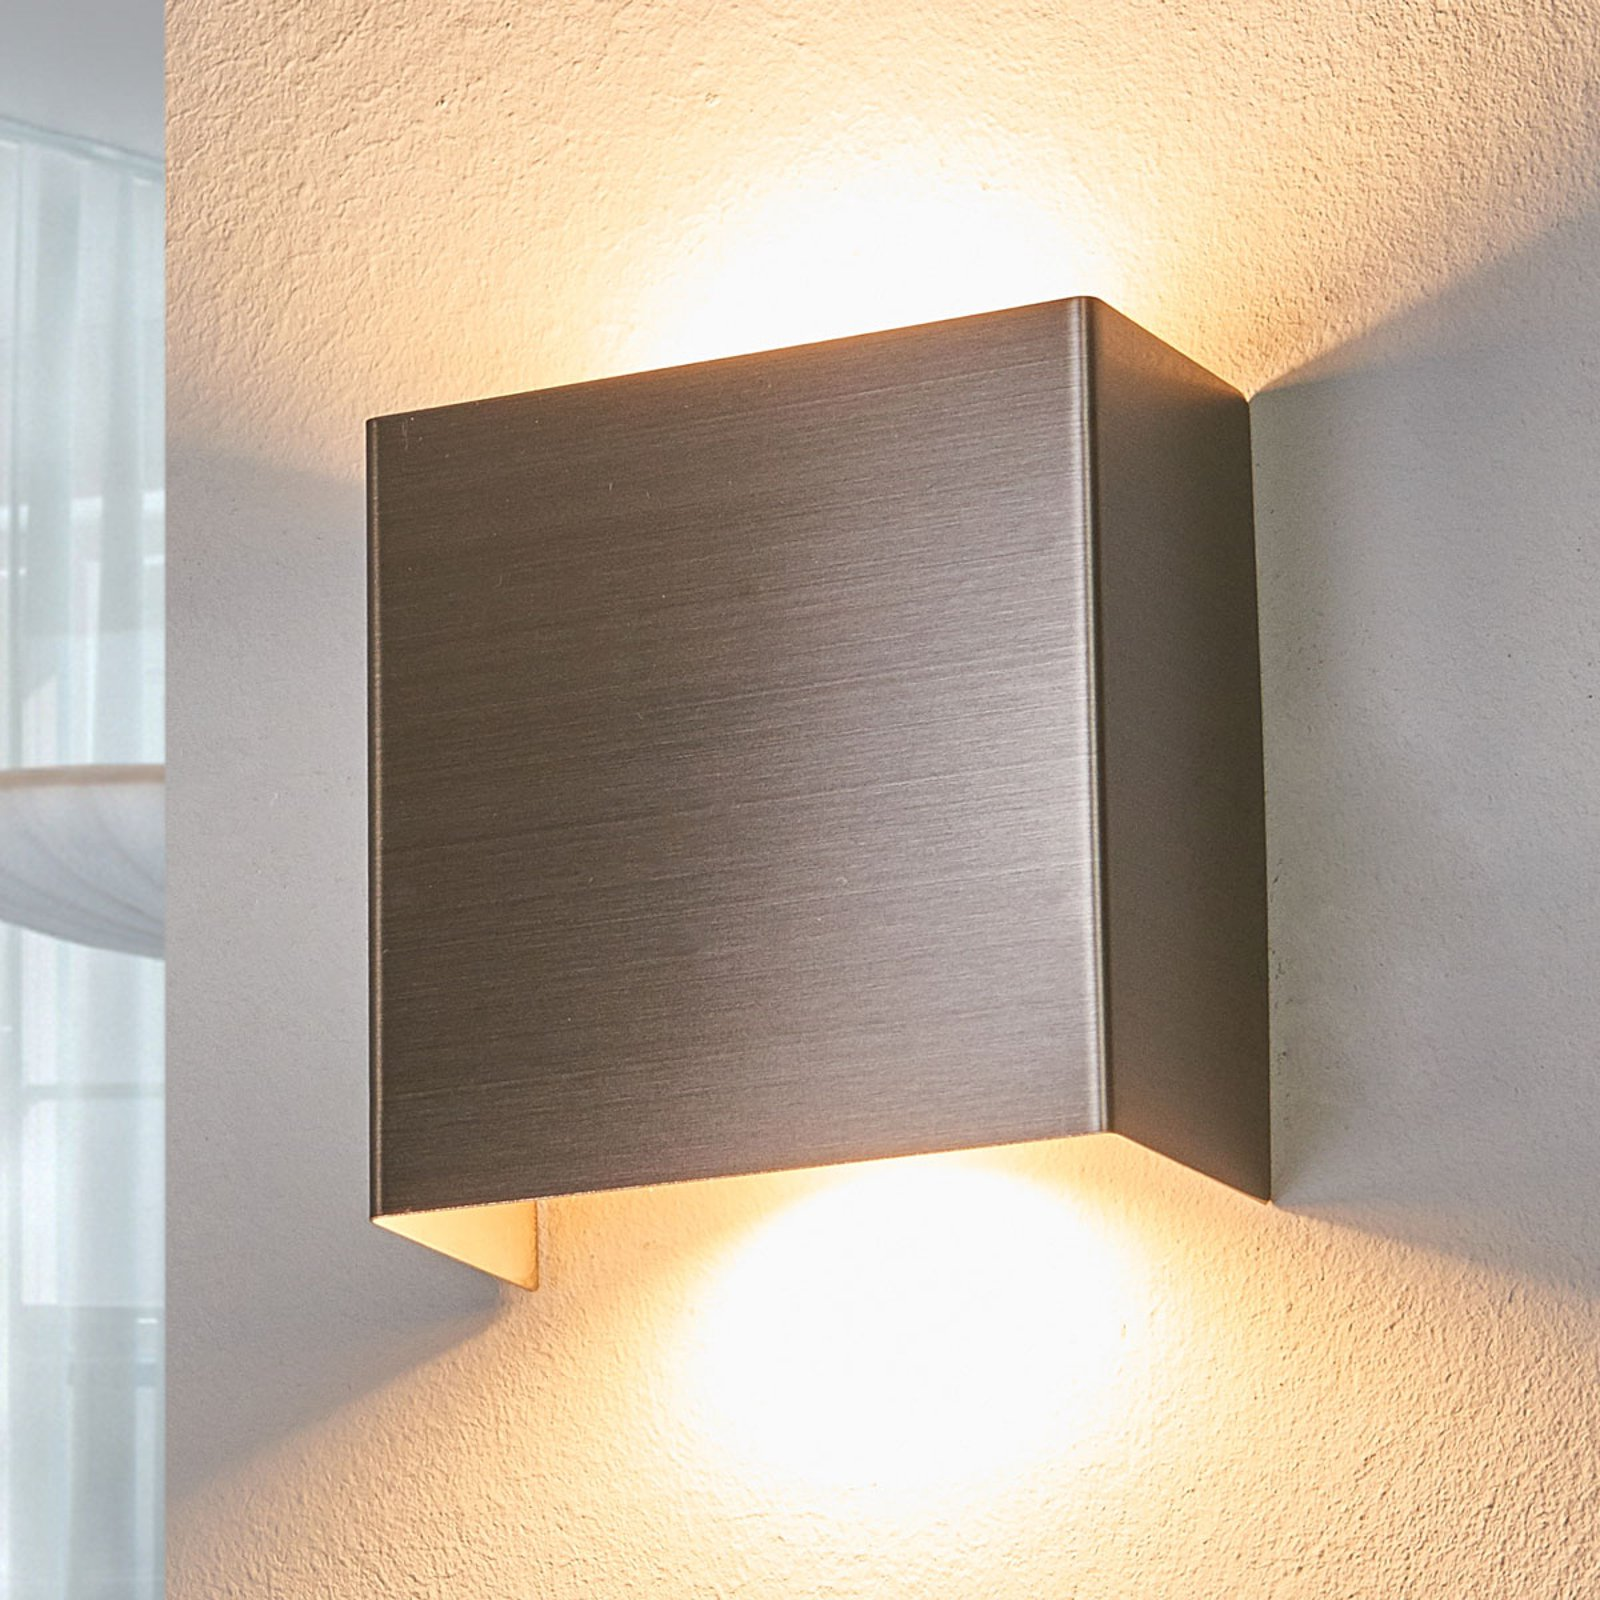 LED-vegglampe Manon, satinert nikkel, 10,5 cm